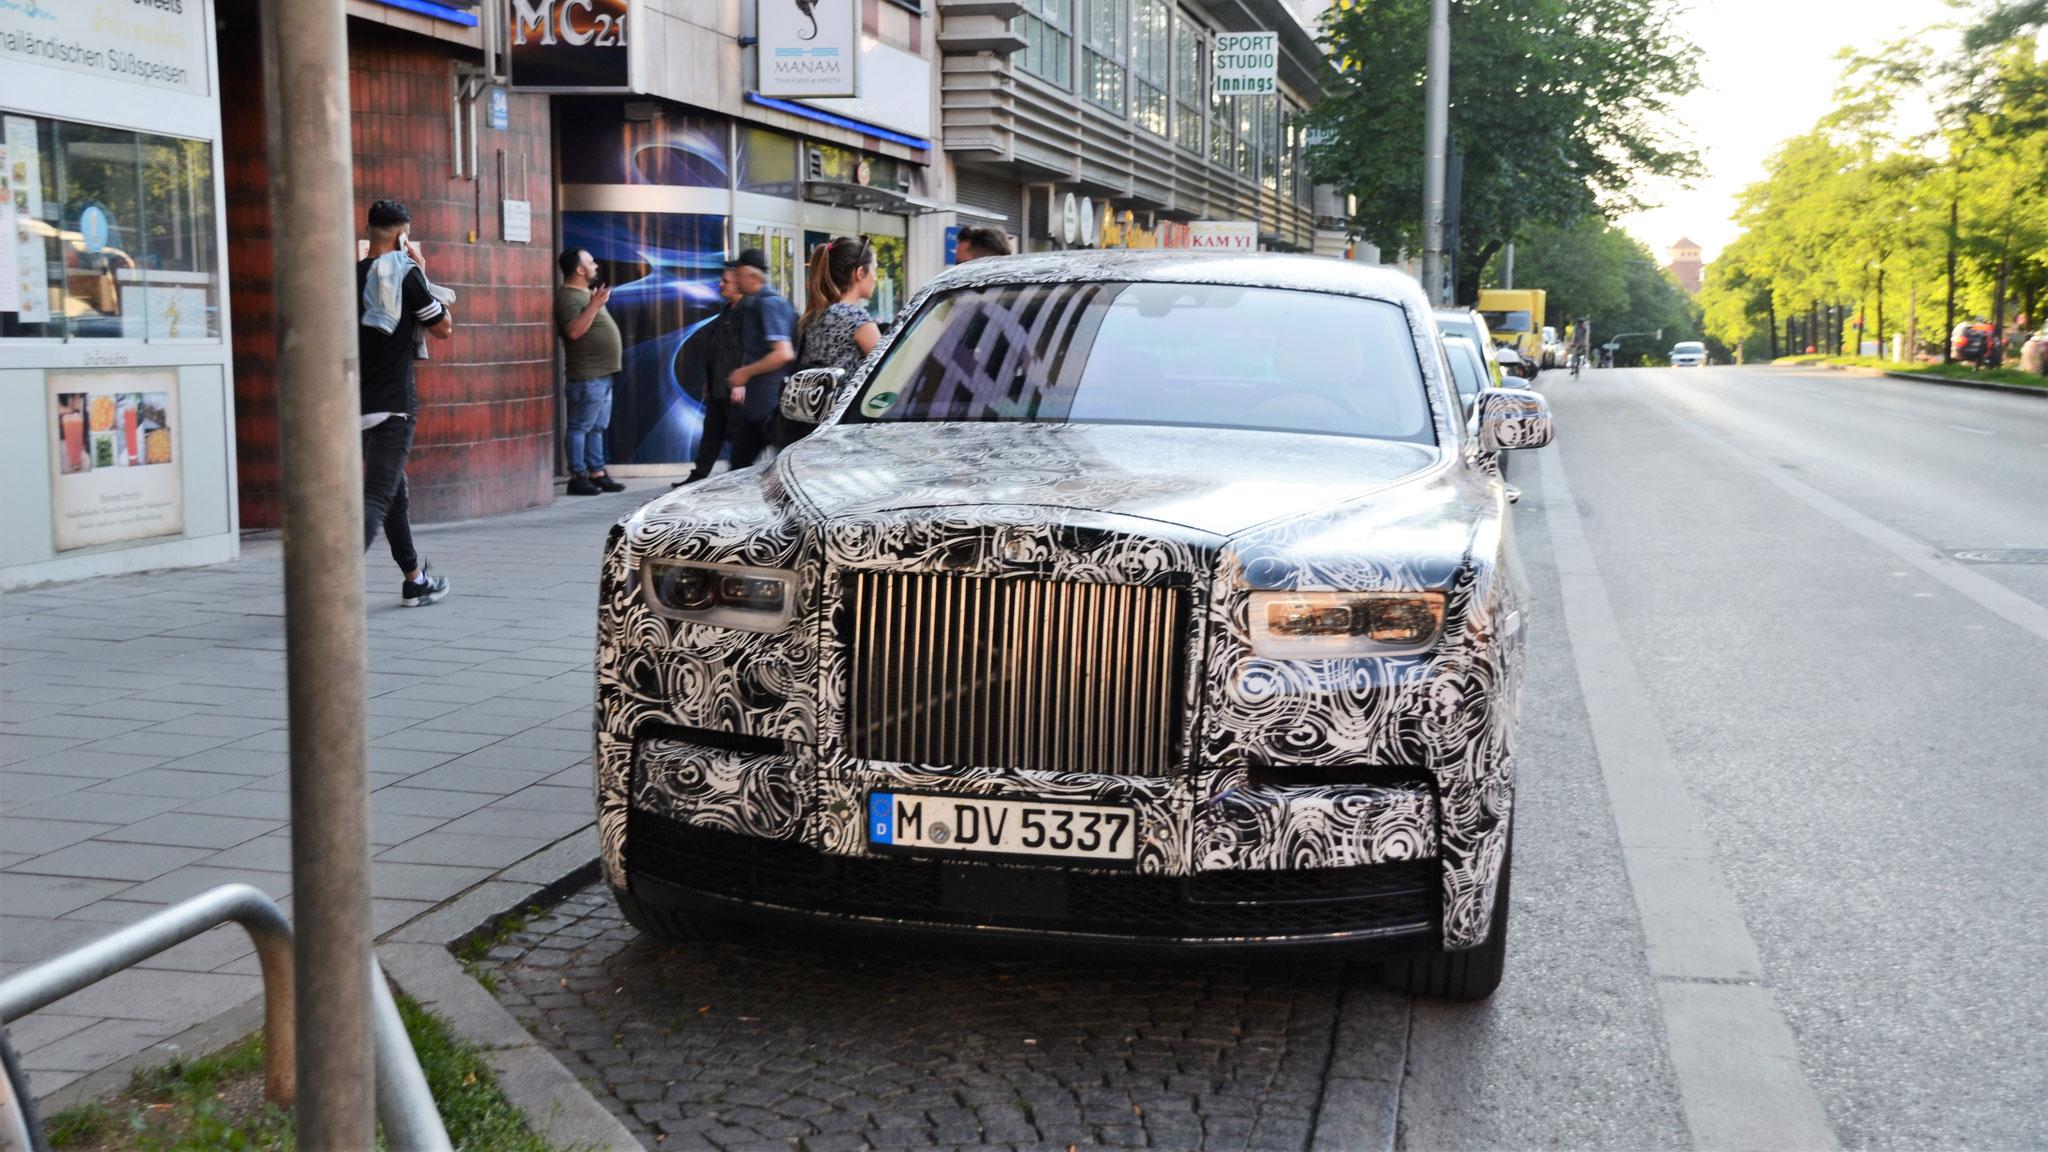 Rolls Royce Phantom EWB - M-DV-5337